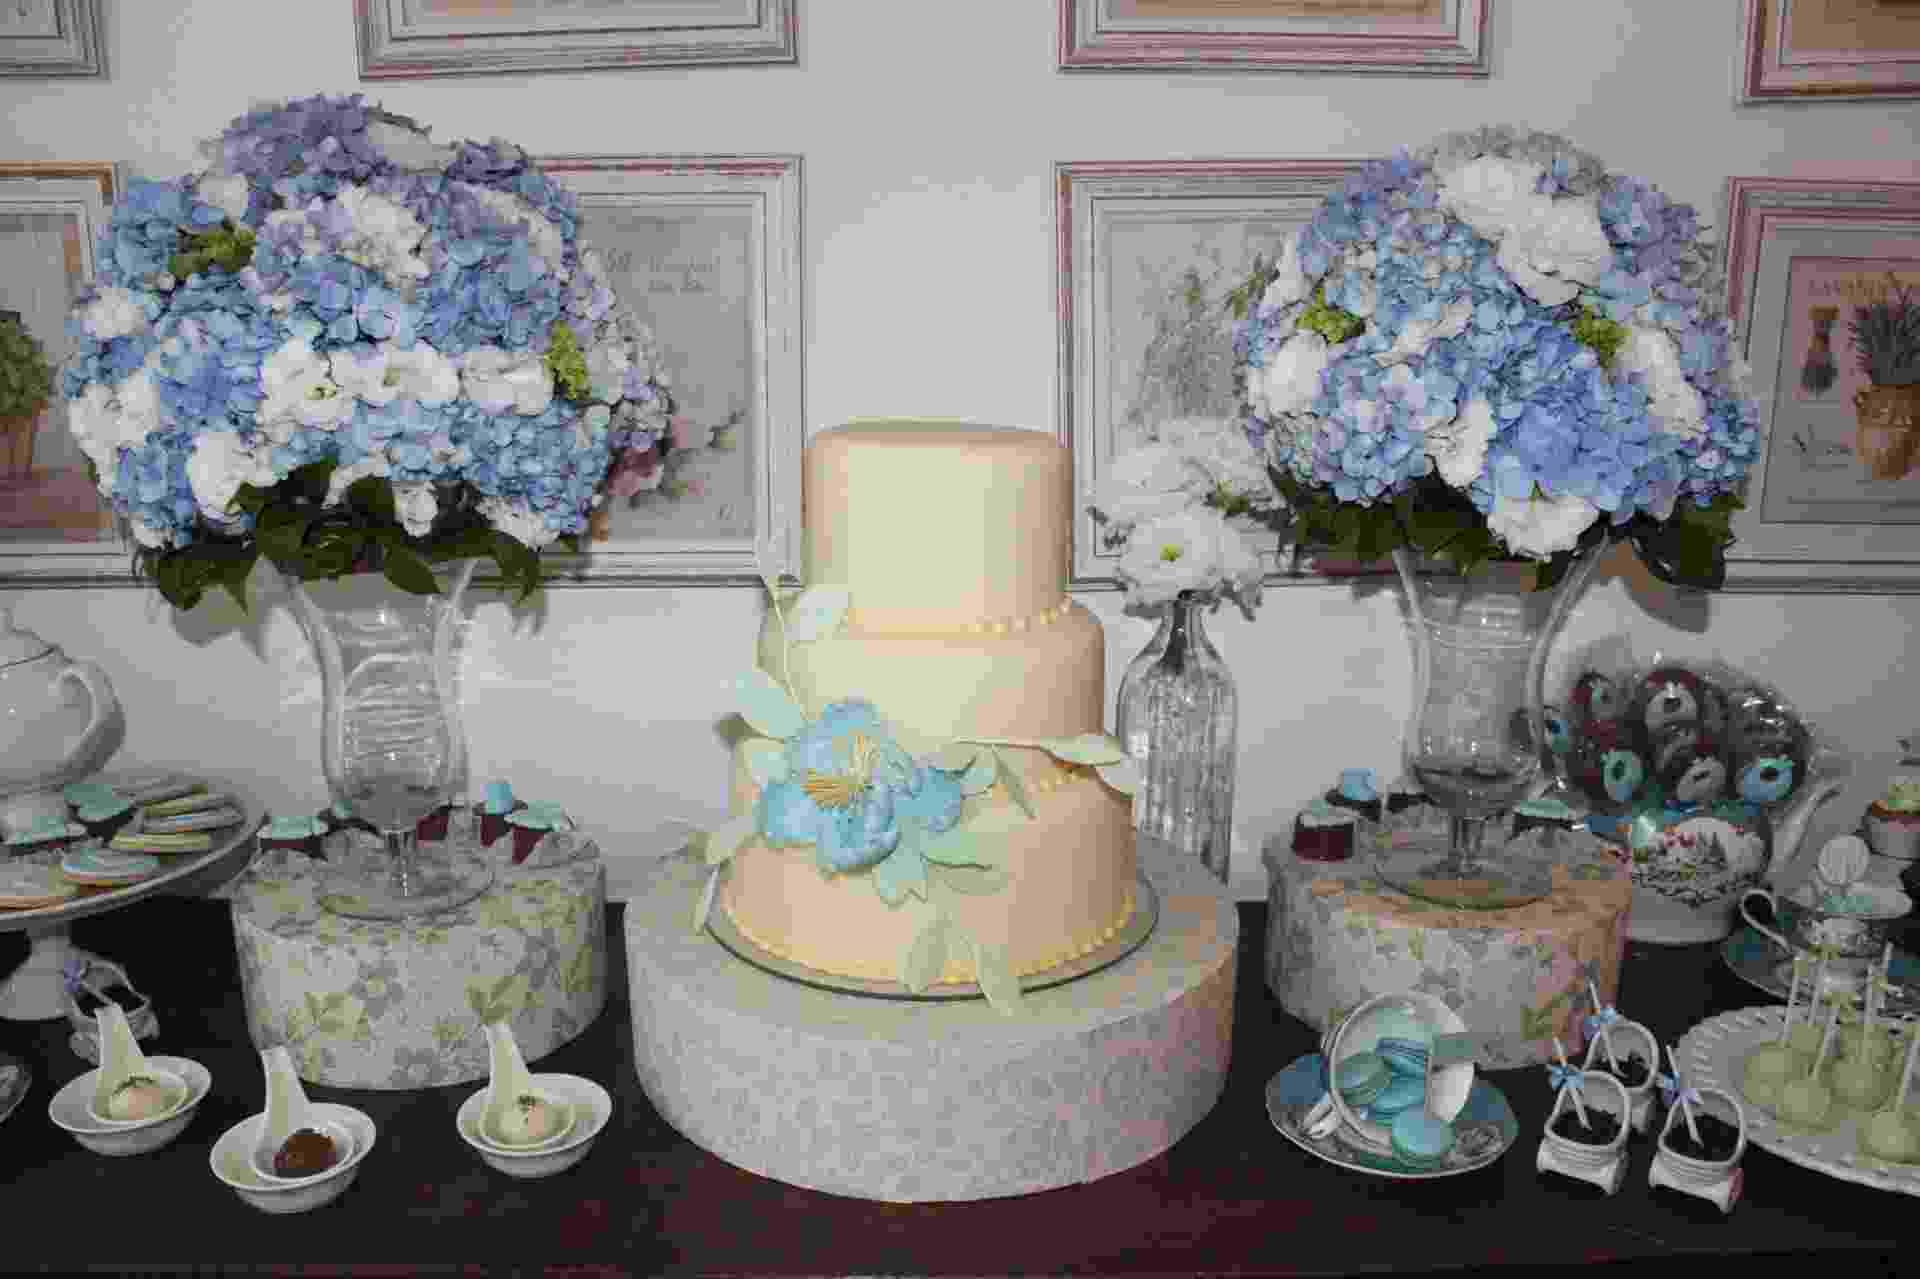 Na mesa de doces do chá de apresentação planejado pelo Studio Decor, o azul estava em todos os detalhes, inclusive nos buquês de hortênsias. Peças de porcelana completavam a decoração. www.studiodecoreventos.com.br - Divulgação